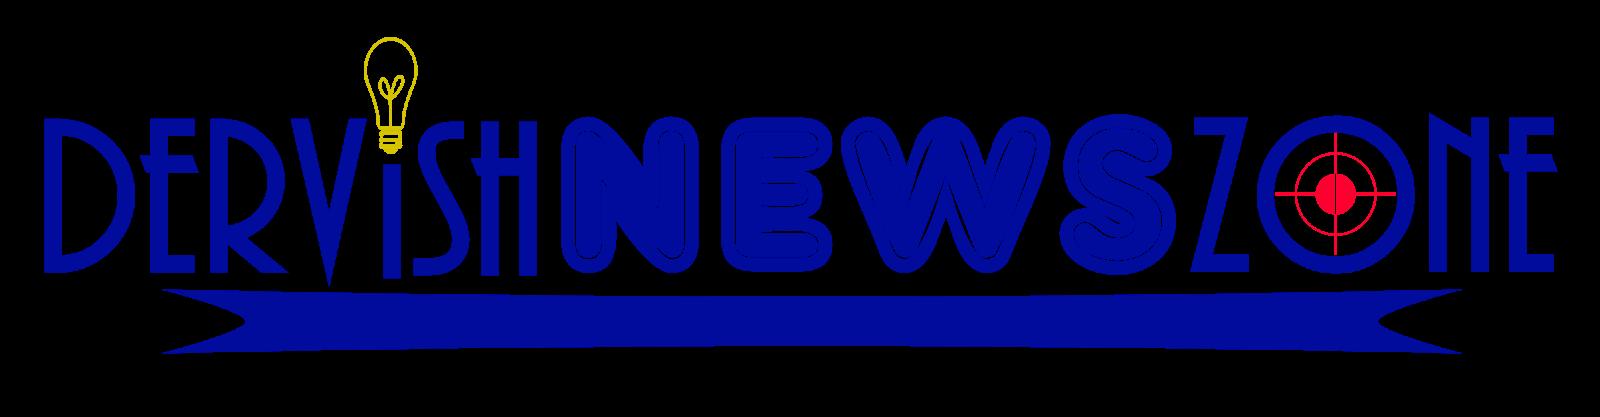 Dervish News Zone